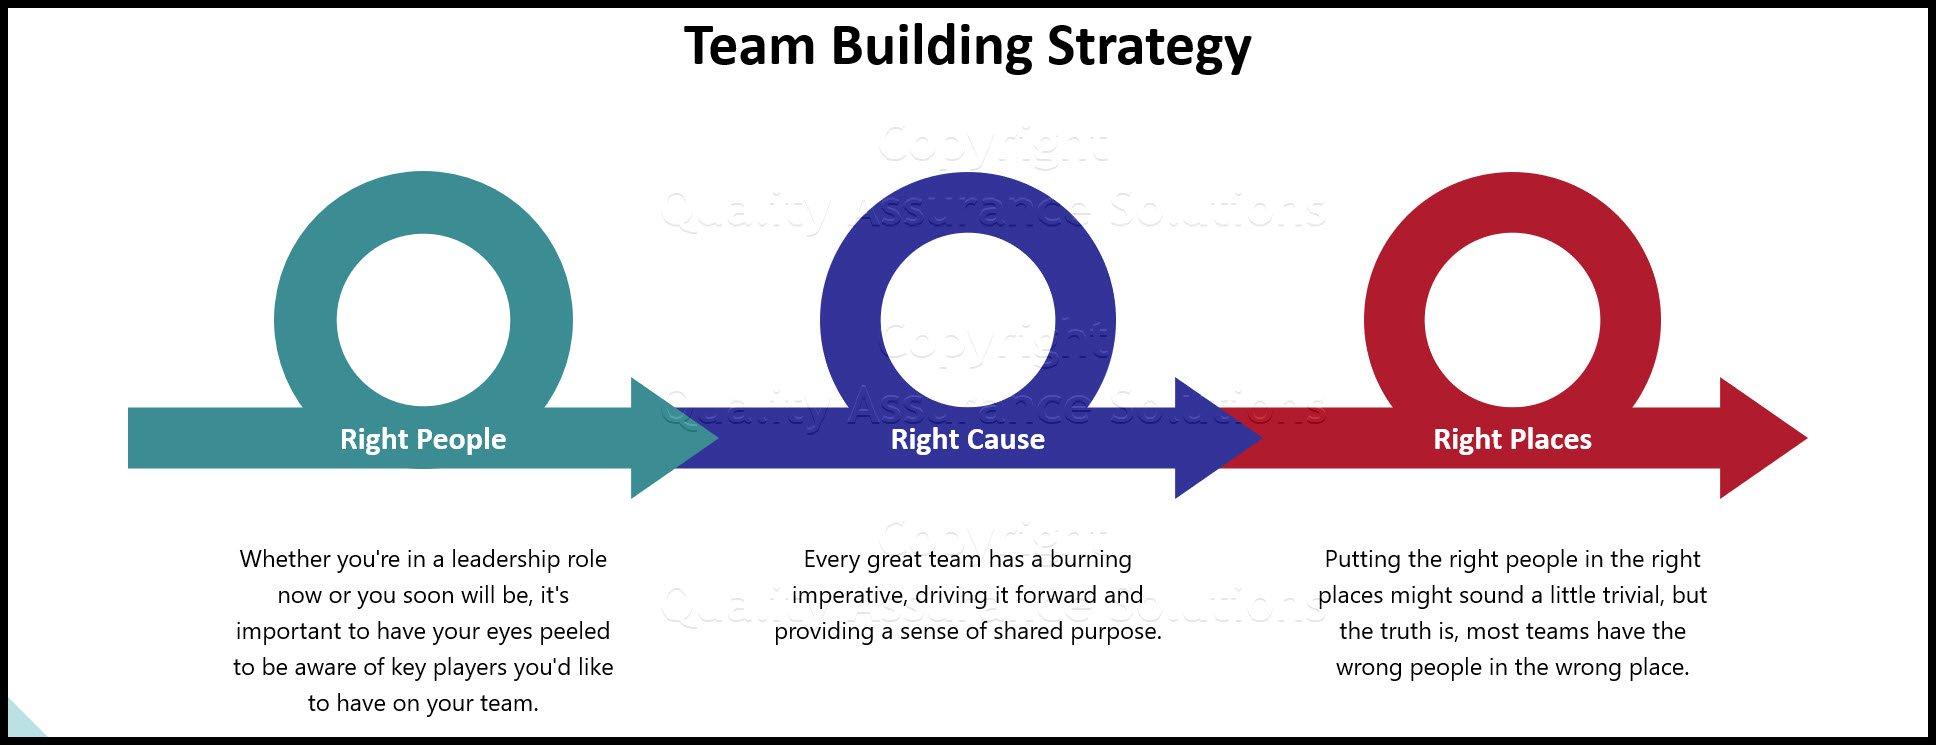 team building strategies business slide